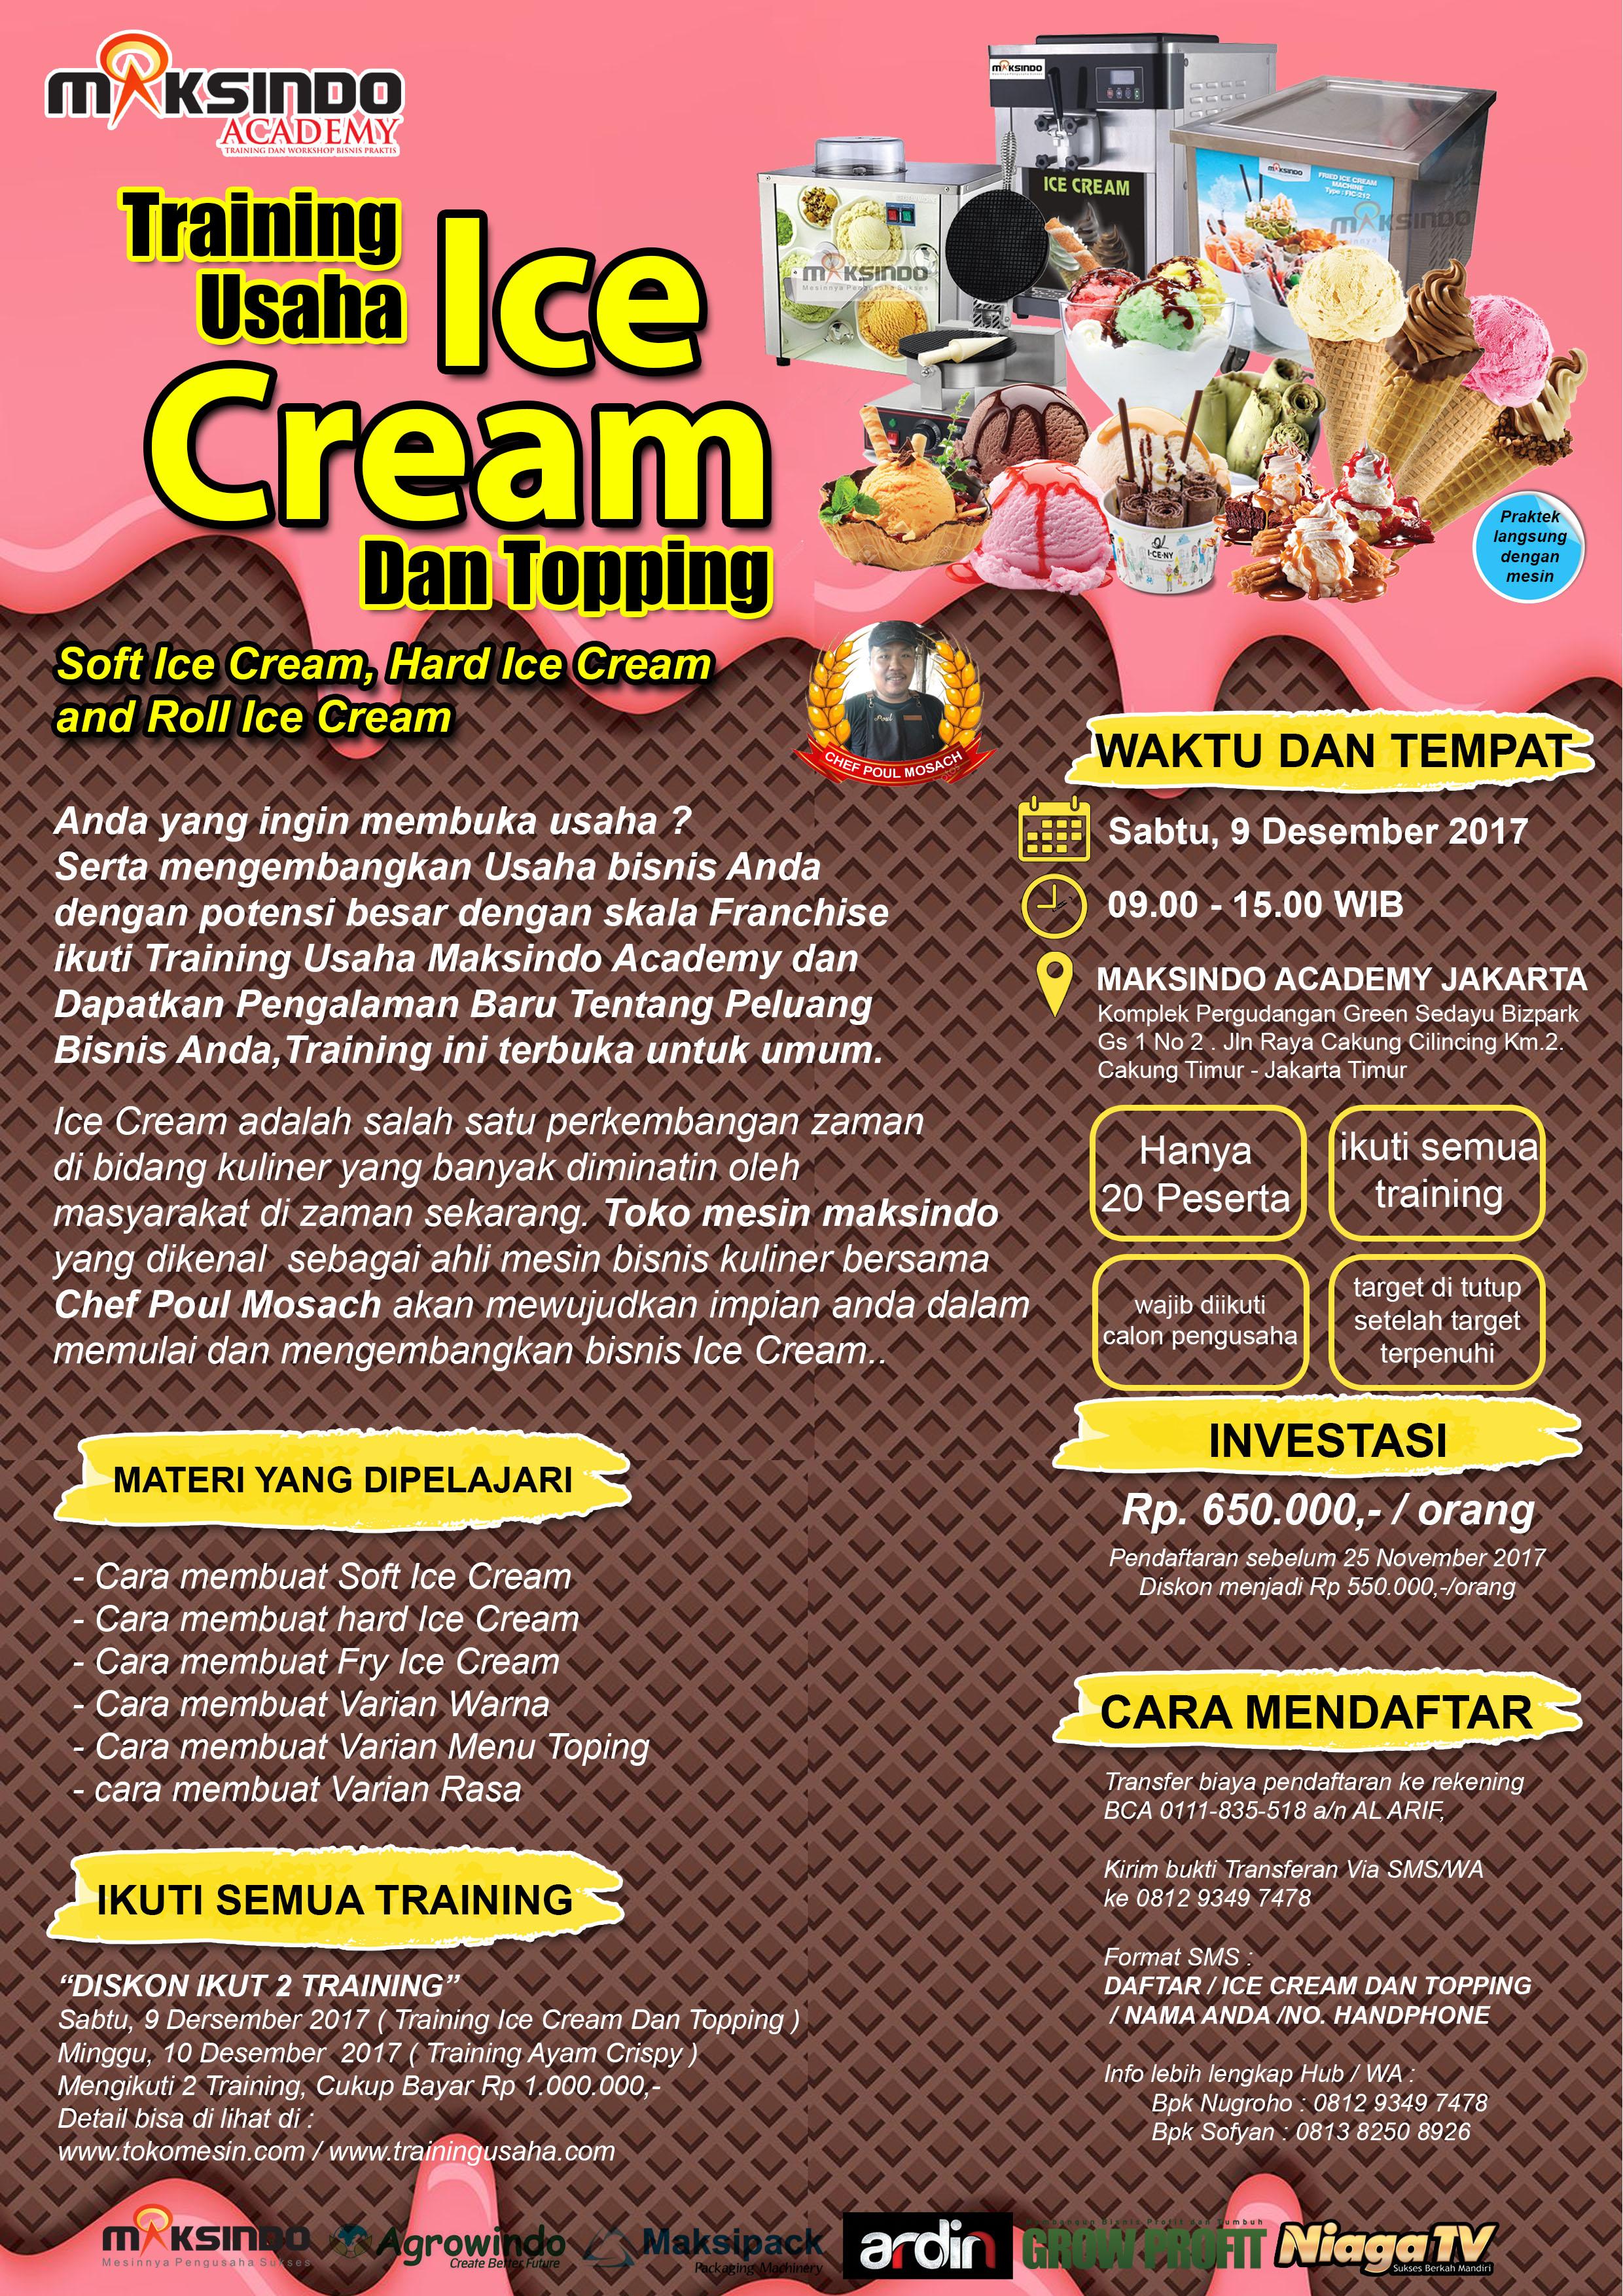 brousur ice cream des